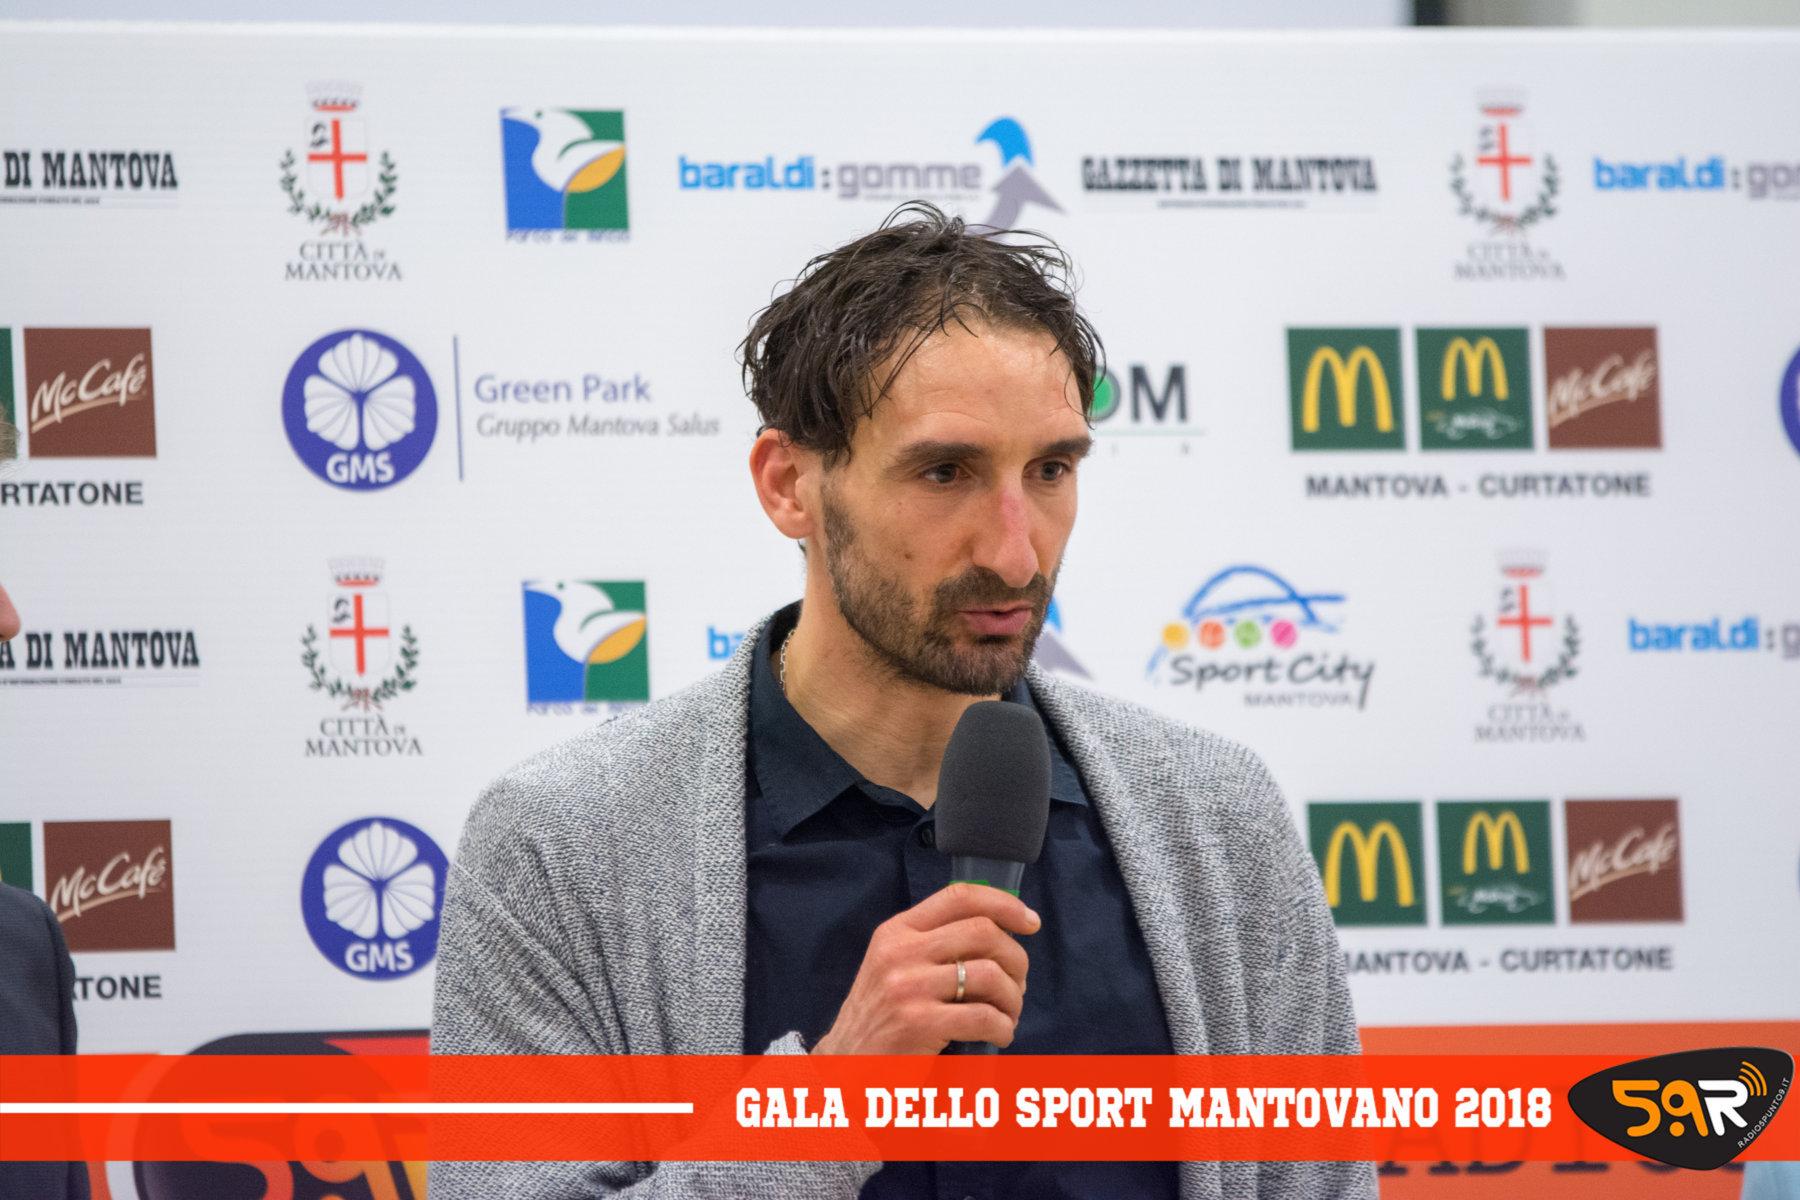 Gala dello Sport Mantovano 2018 Web Radio 5 (121)